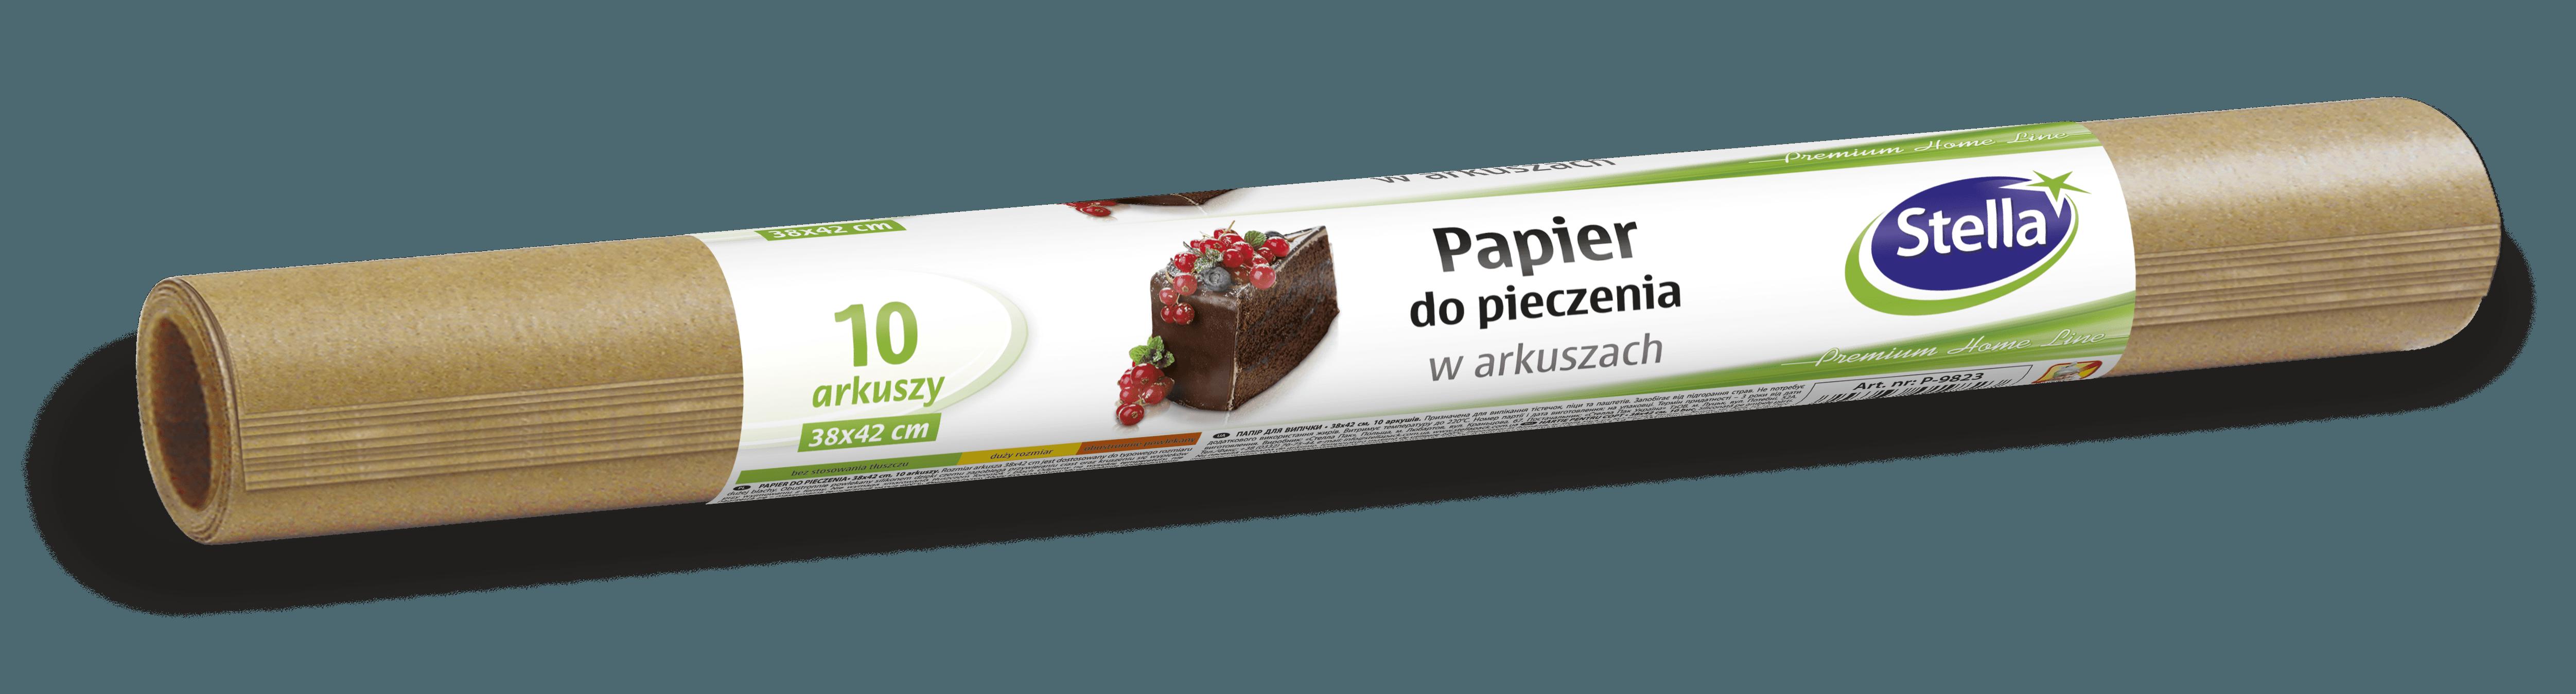 Papier do pieczenia w arkuszach 10szt. STELLA